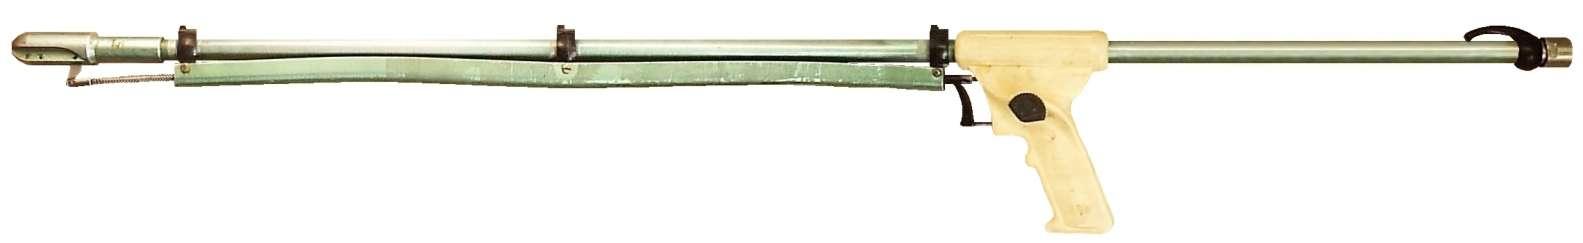 Воздушное ружье с гарпуном